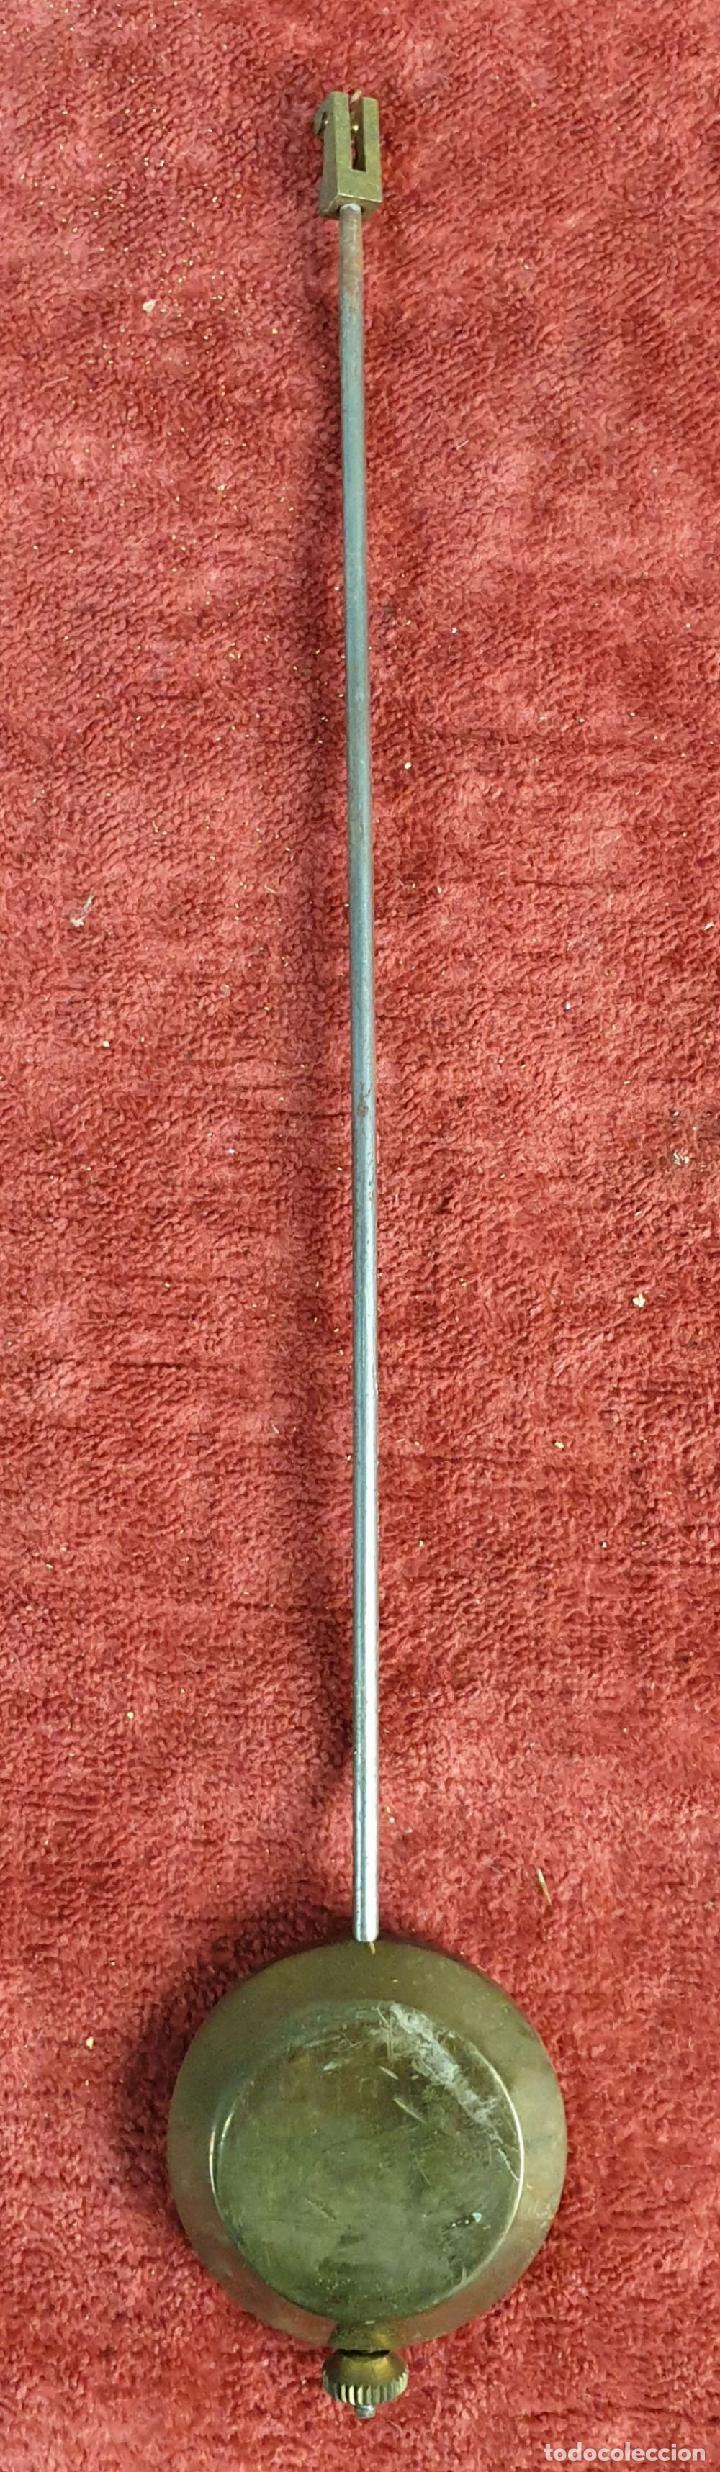 Relojes de pared: RELOJ ESTILO ISABELINO. MAQUINARIA FRANCESA. ESFERA DE ALABASTRO. SIGLO XIX. - Foto 24 - 186319543